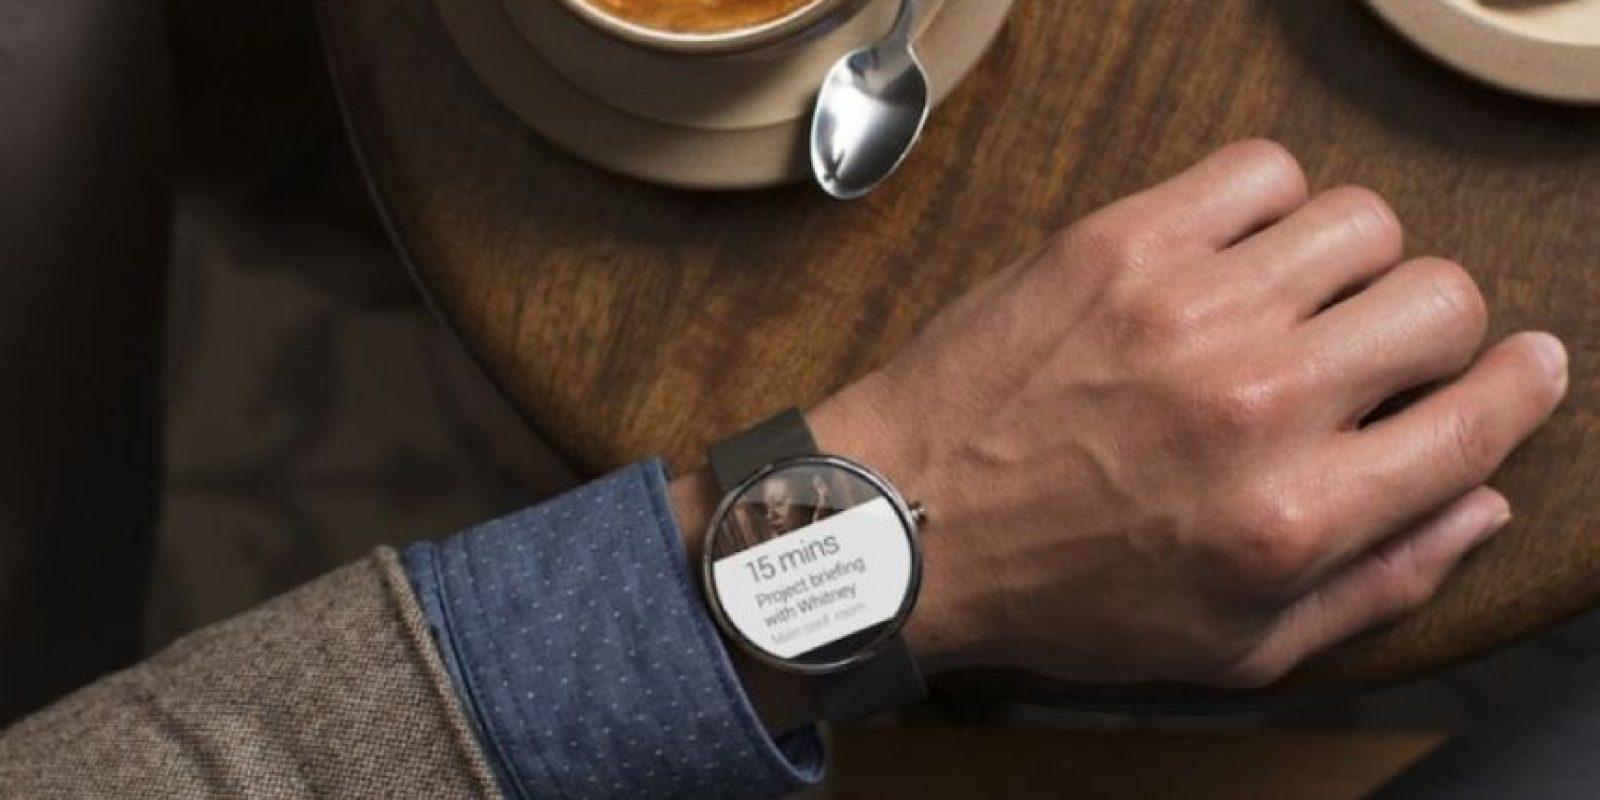 Presume una pantalla redonda de 1.6mm de diámetro, Android Wear, 4GB de memoria interna, 512MB en RAM, Bluetooth 4.0, NFC, micro USB, batería de 320 mAh y 49 gramos de peso. Foto:Motorola